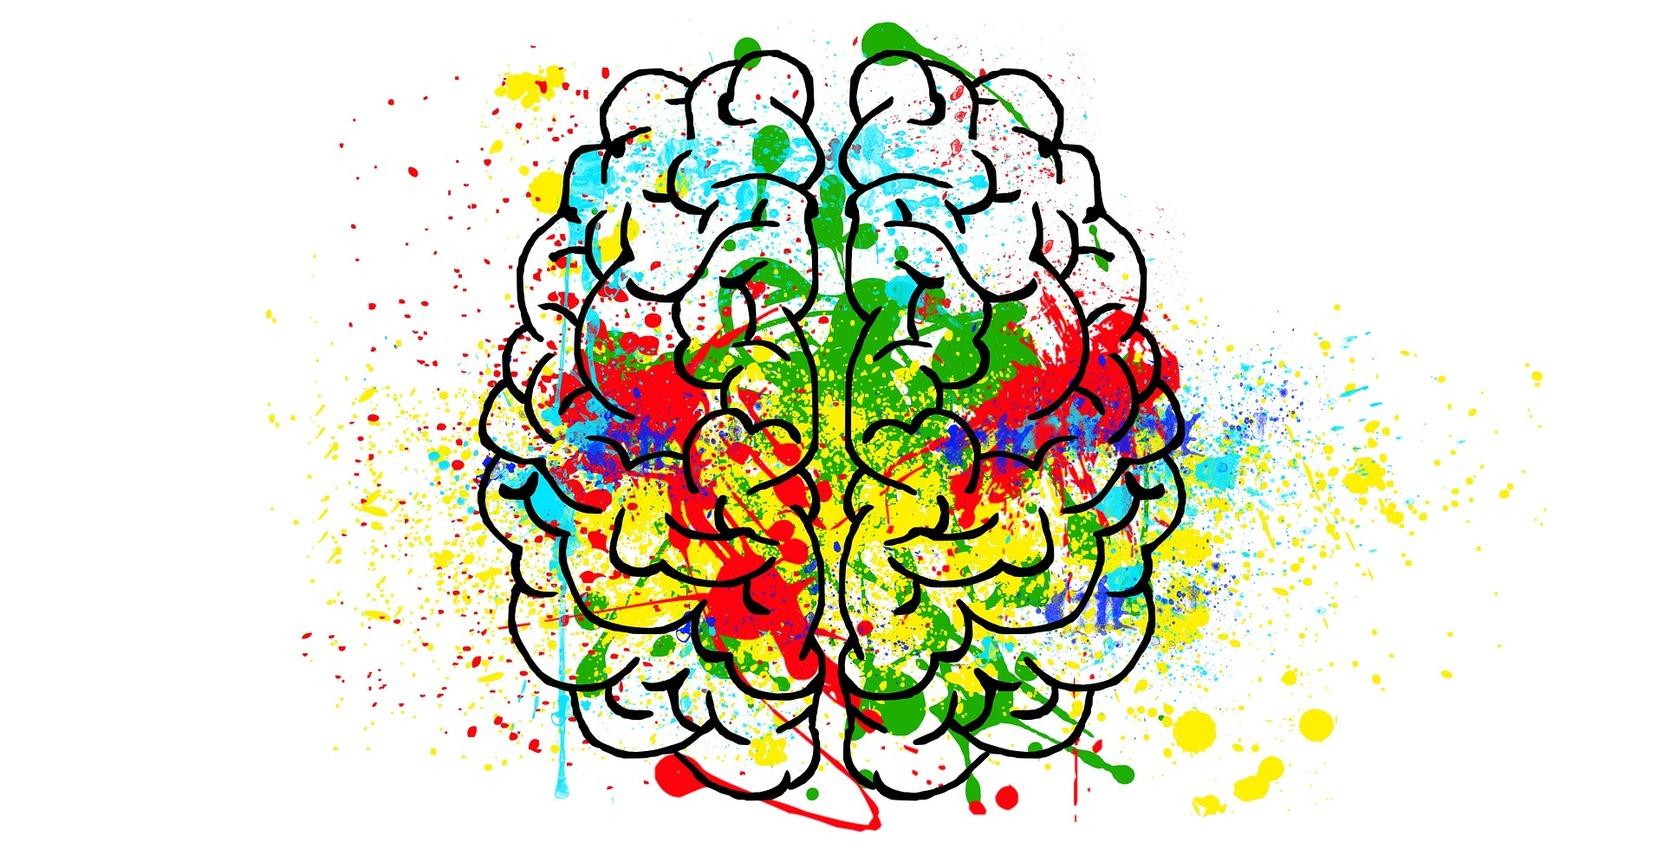 Ученые рассказали о способности мозга предсказывать будущее